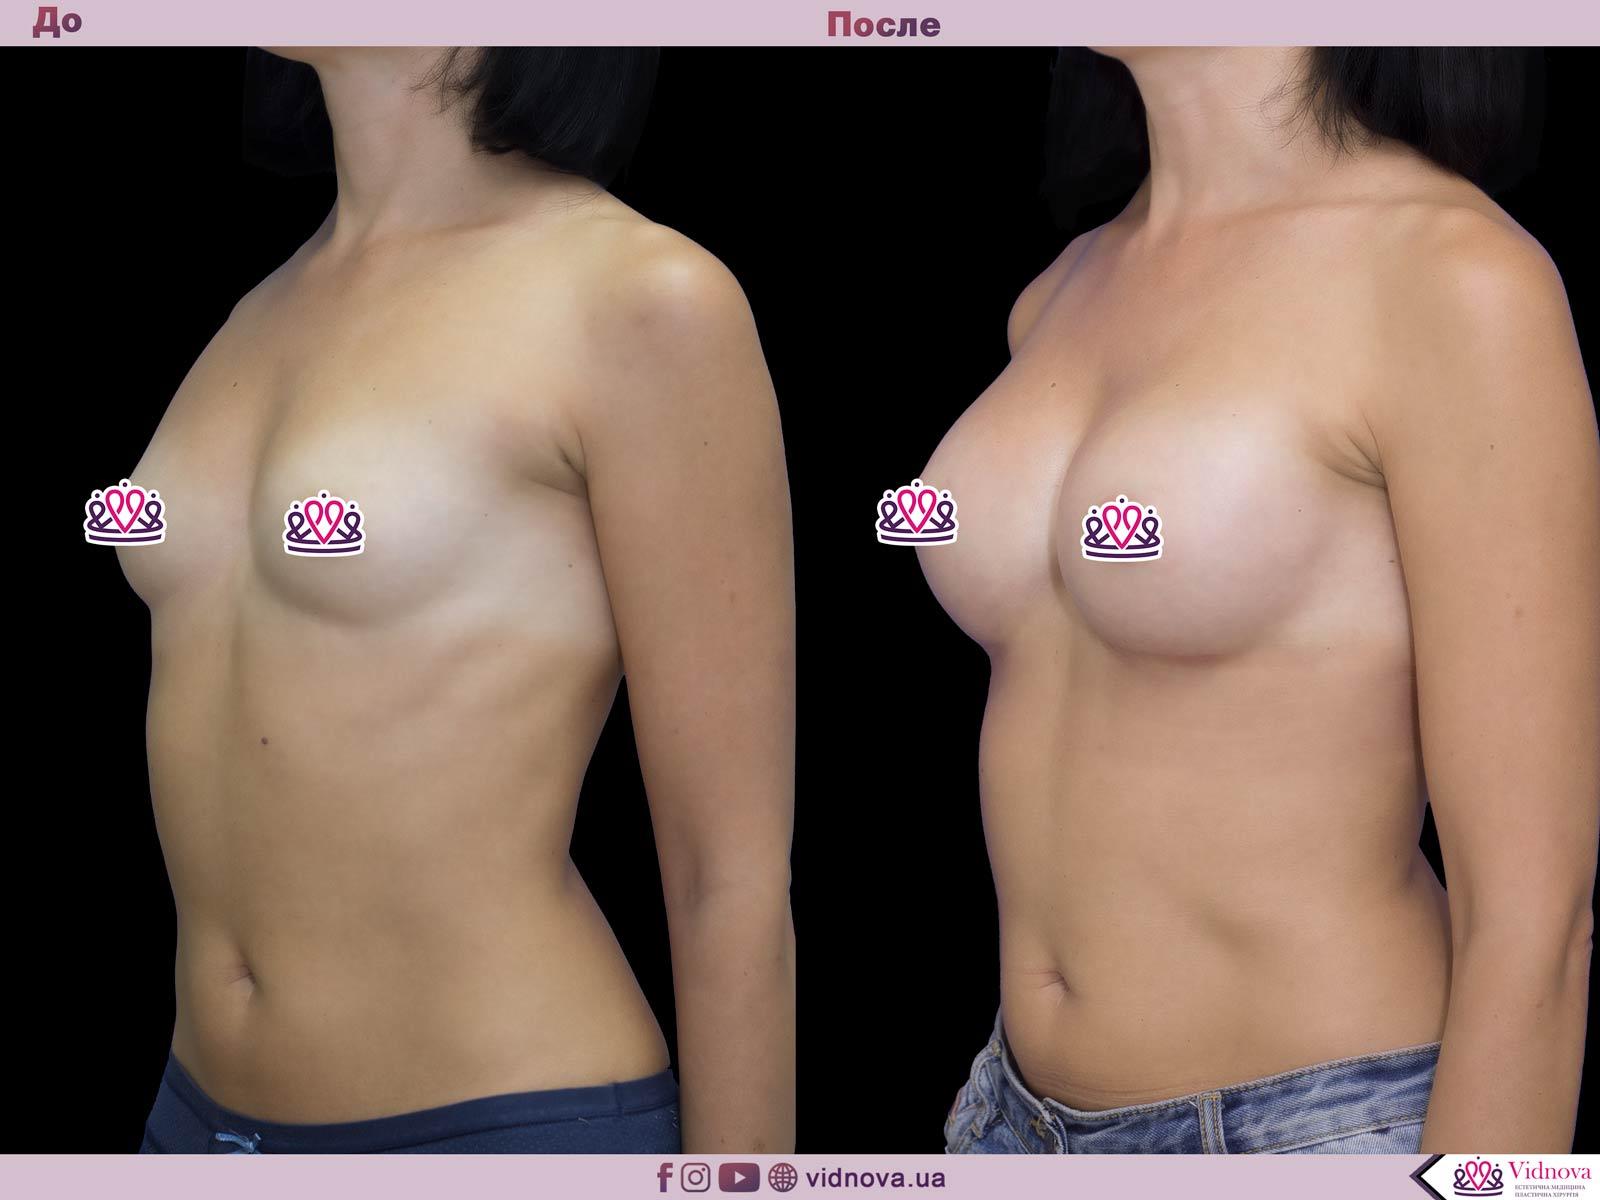 Пластика груди: результаты до и после - Пример №51-1 - Светлана Работенко